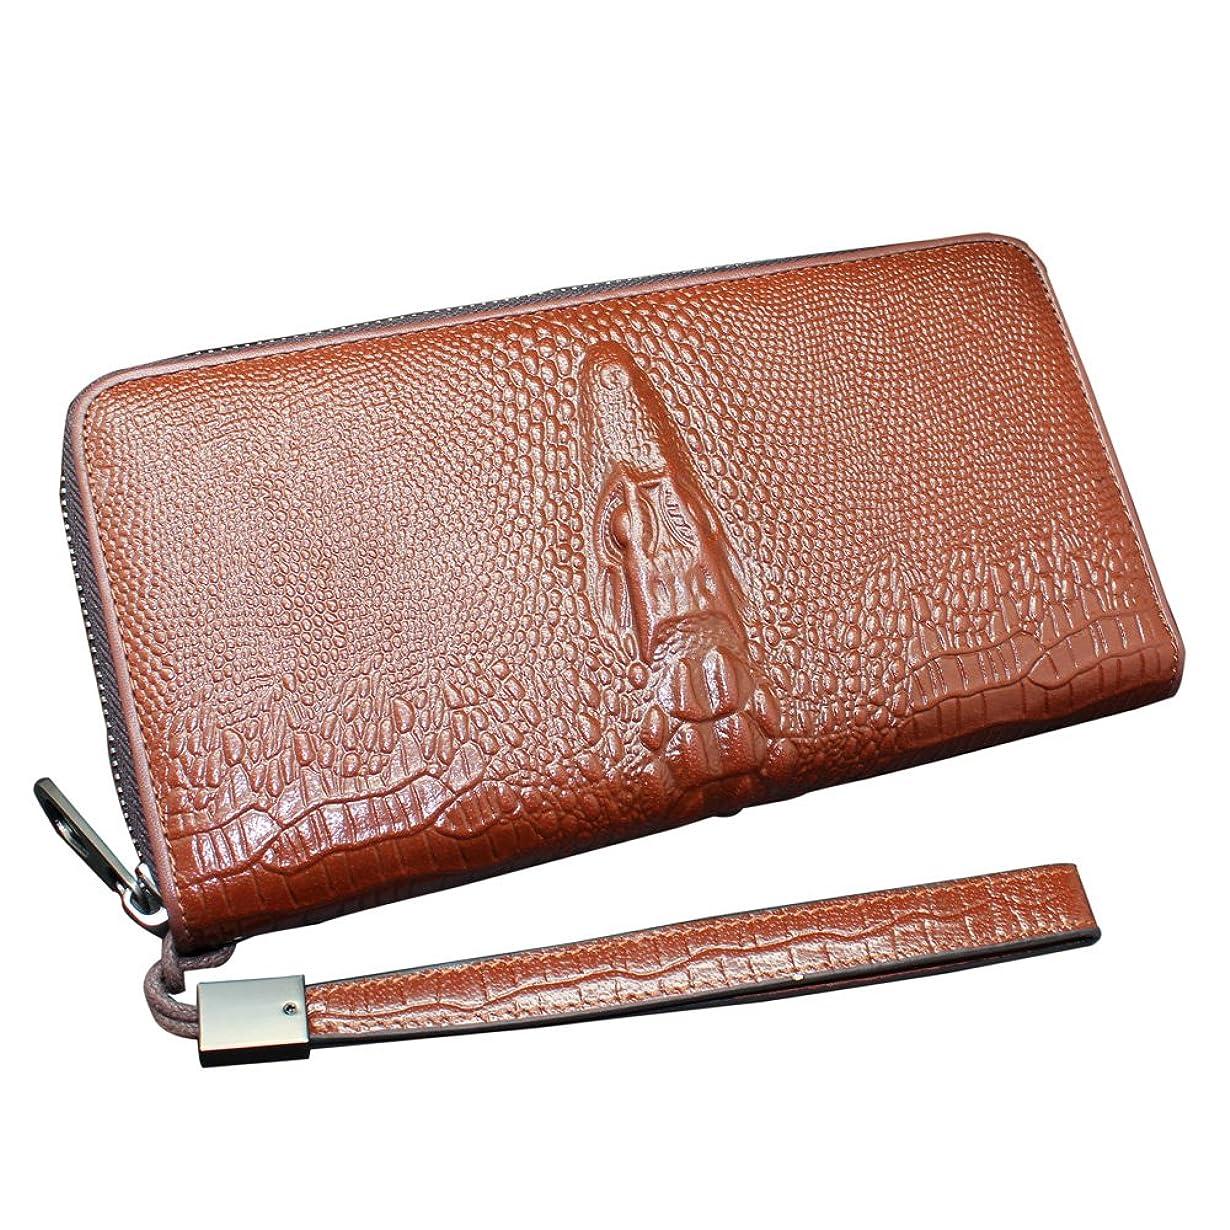 回転仮定周辺[boshiho] 長財布 ワニ ラウンドファスナー レザー 携帯電話 カード入れ 腕掛け 大容量